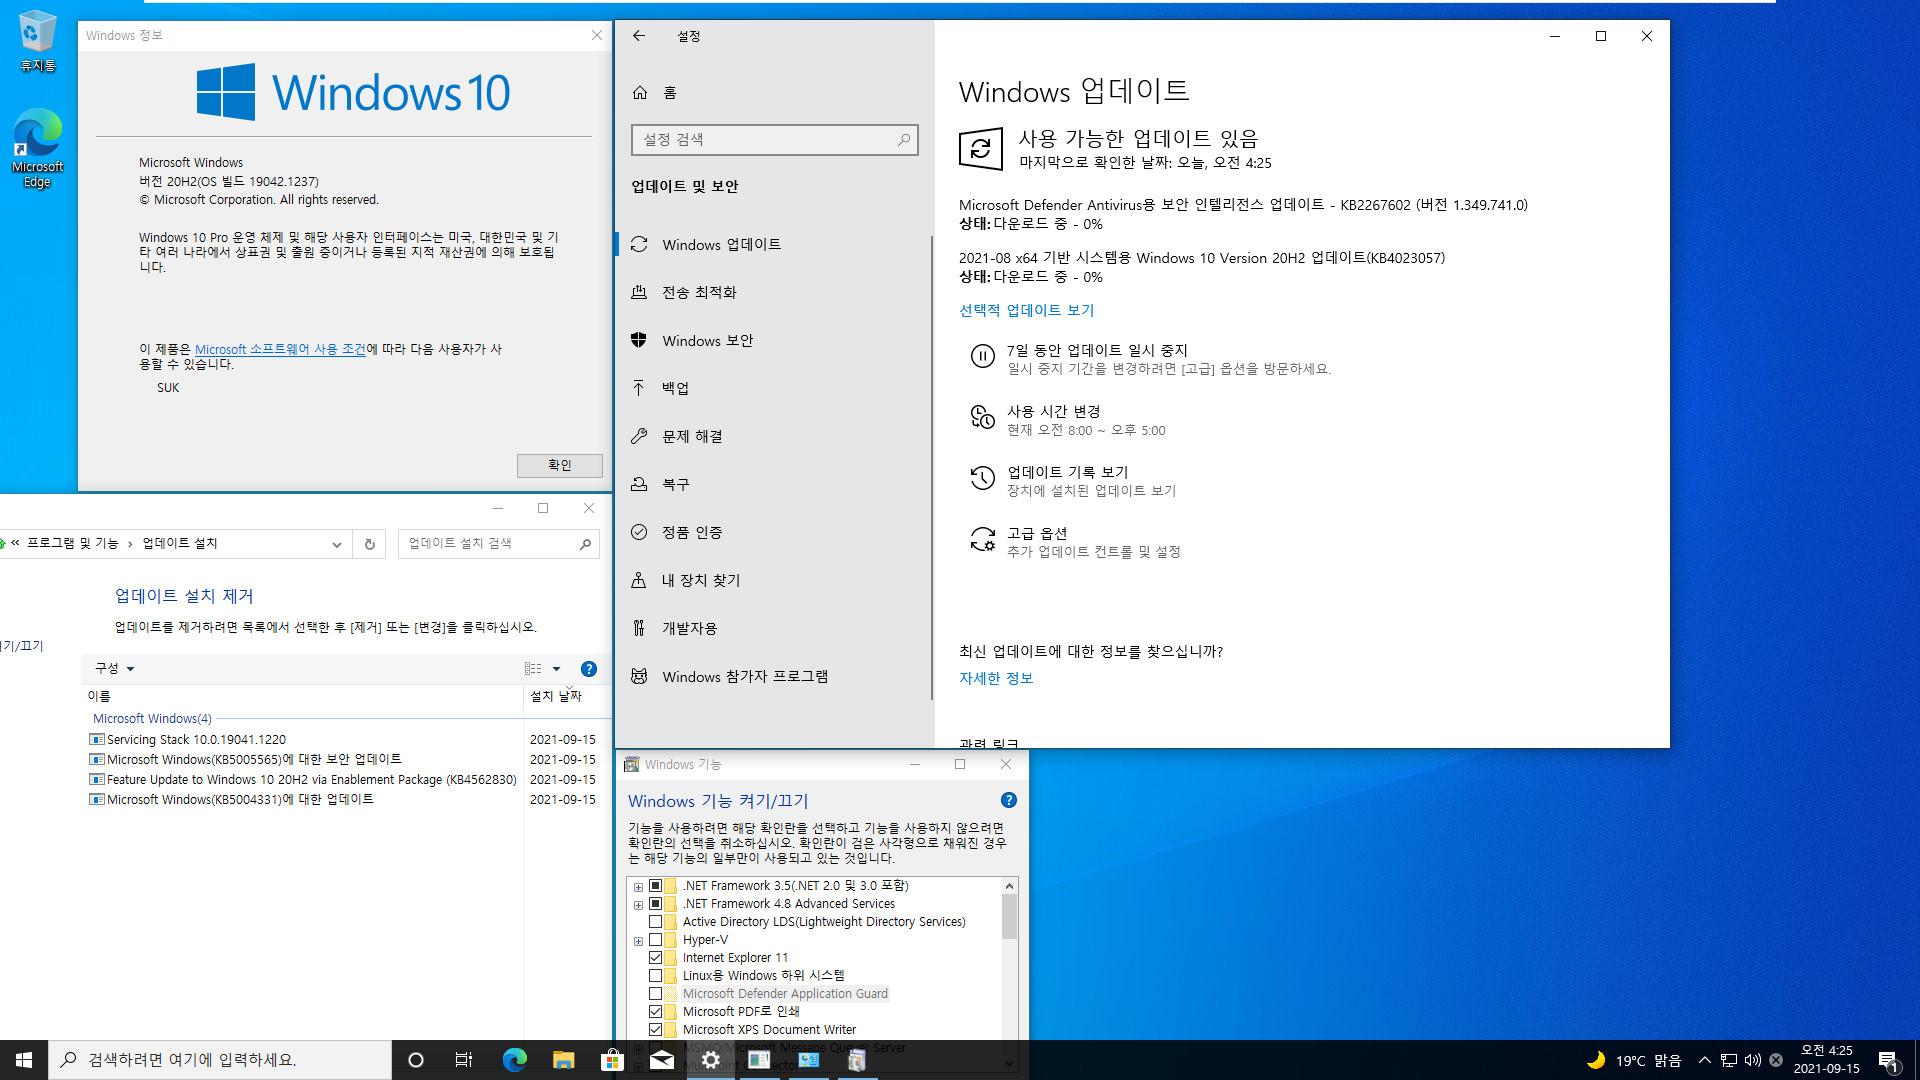 2021-09-15 정기 업데이트 - PRO x64 4개 버전 통합 - Windows 10 버전 2004, 빌드 19041.1237 + 버전 20H2, 빌드 19042.1237 + 버전 21H1, 빌드 19043.1237 + 버전 21H2, 빌드 19044.1237 - 공용 누적 업데이트 KB5005565 - 2021-09-15_042547.jpg